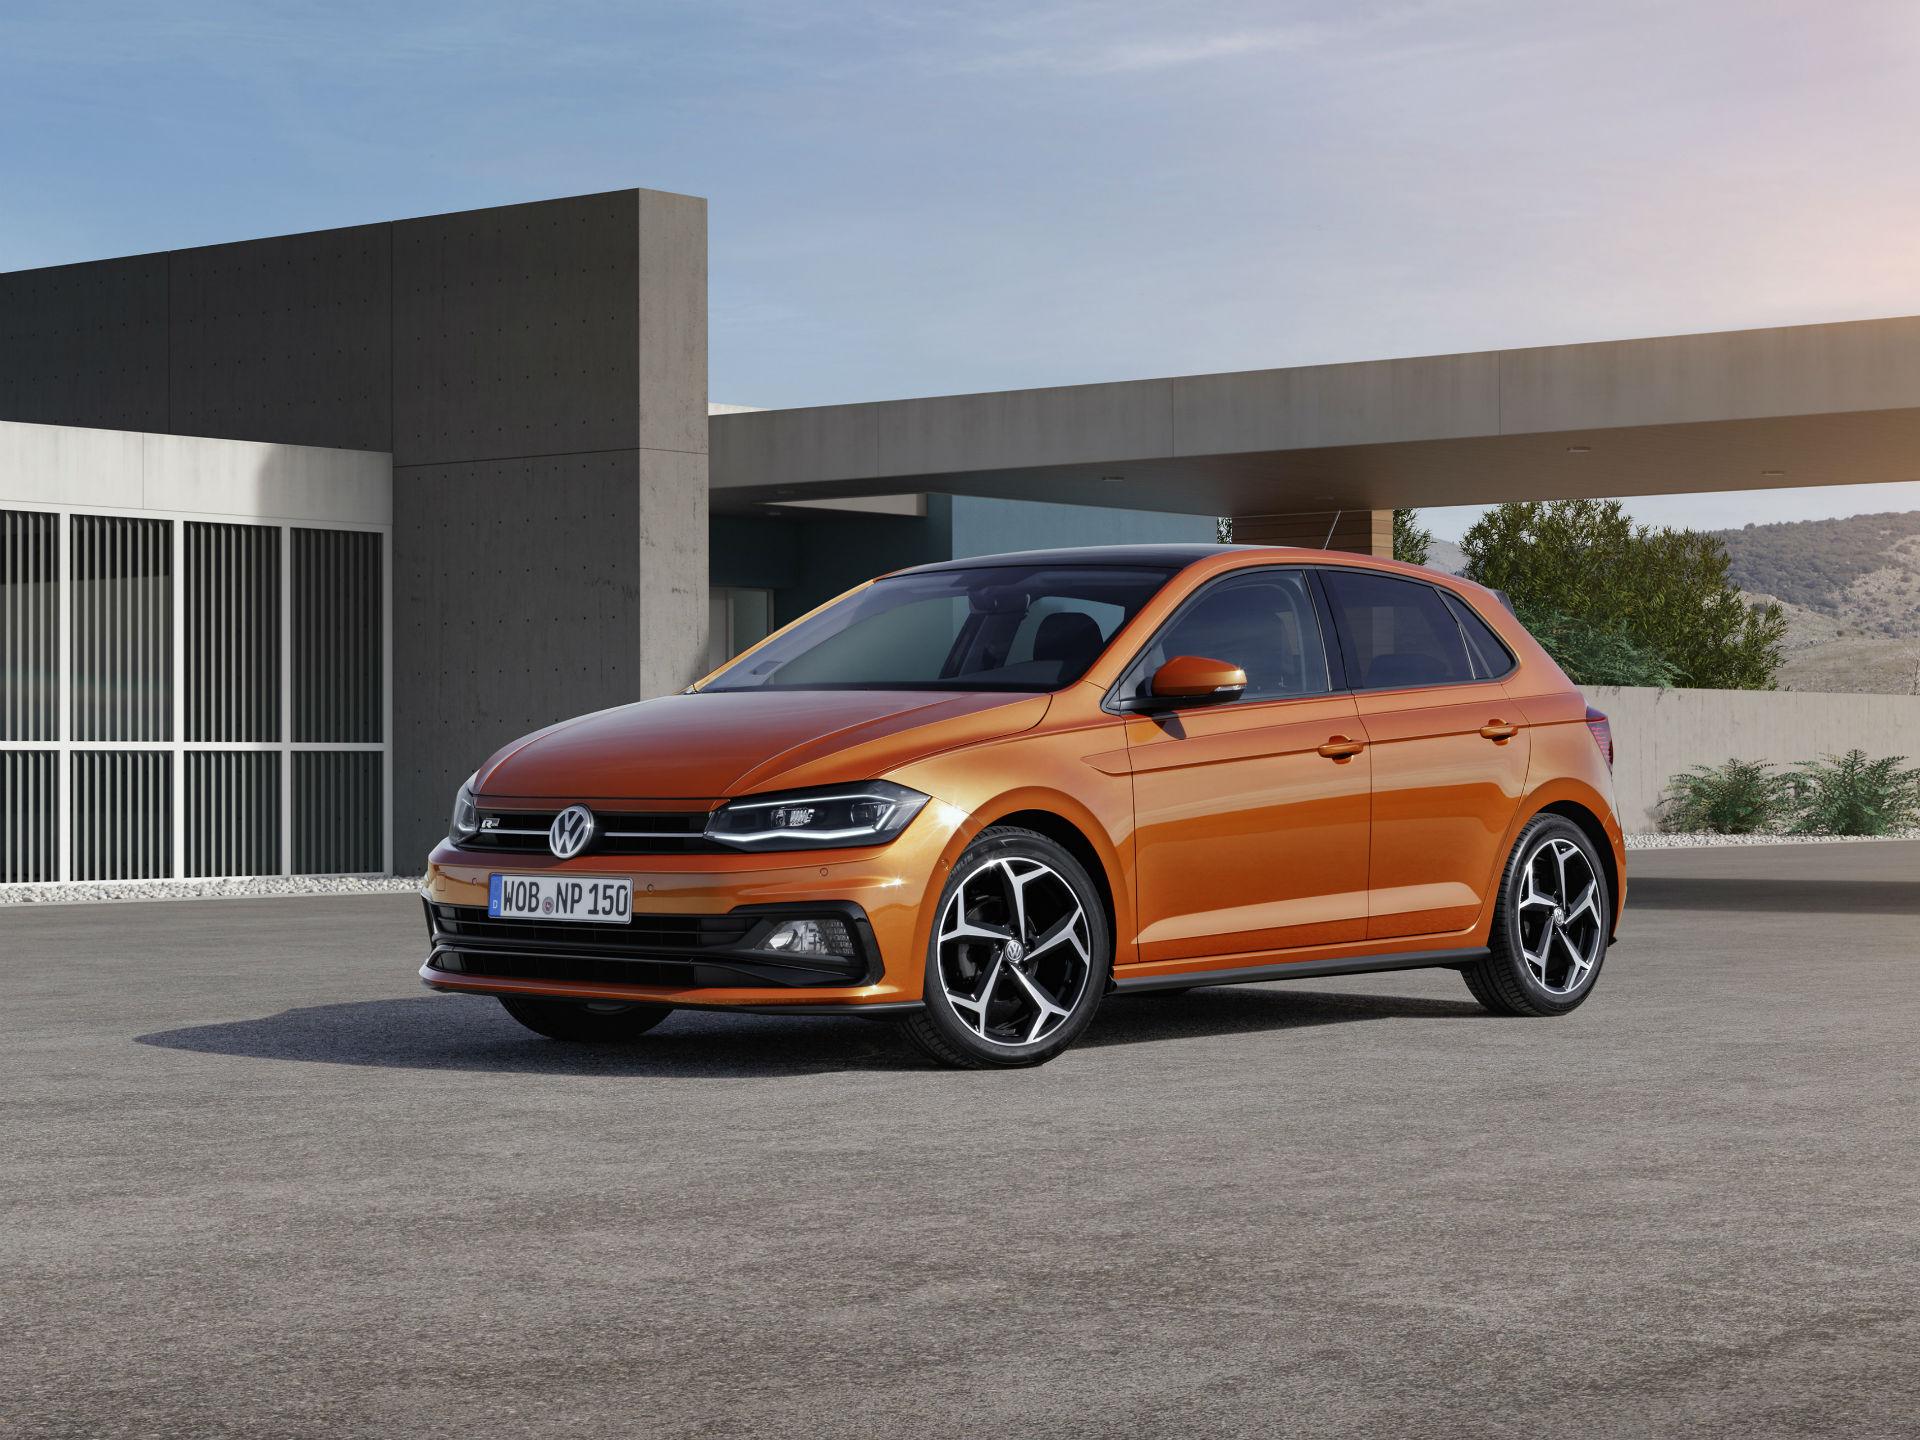 El inédito coche estrenará la nueva plataforma de la marca, en la que asimismo estará fabricado el inédito Ibiza. Foto: Volkswagen